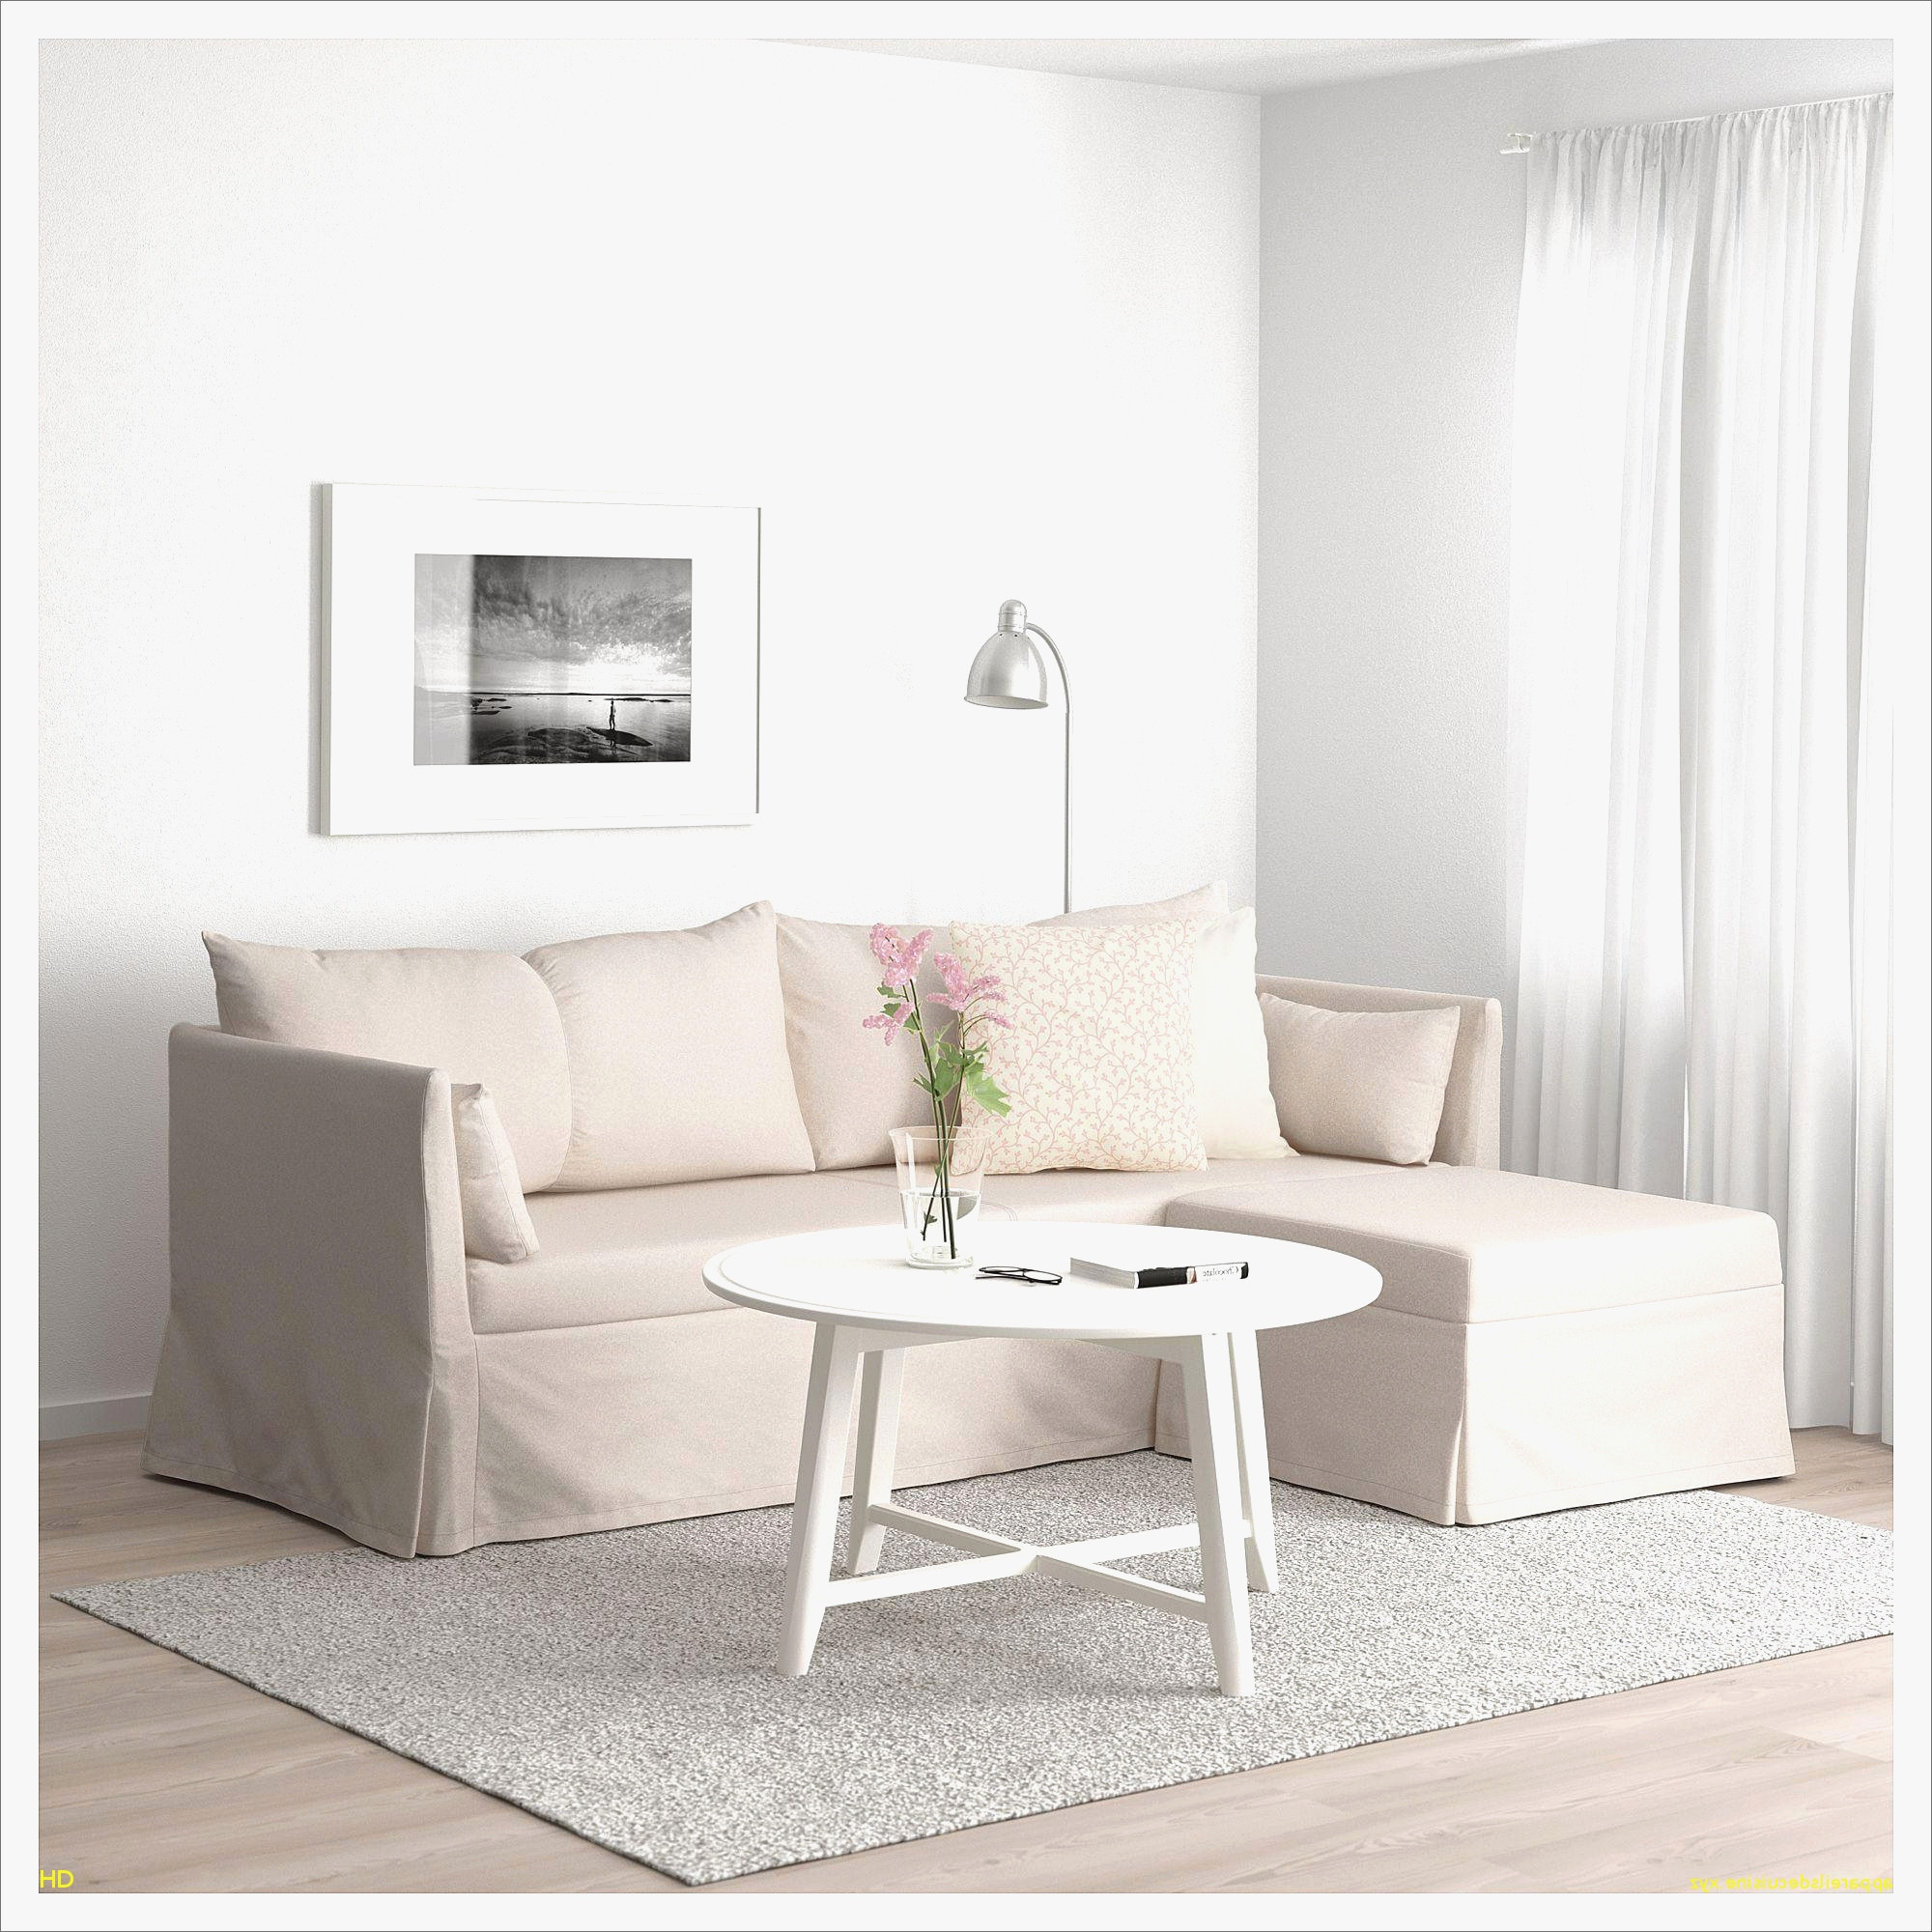 Ikea Salle De Bains Beau Images Salle De Bain Italienne Ikea Inspirant Siege De Douche